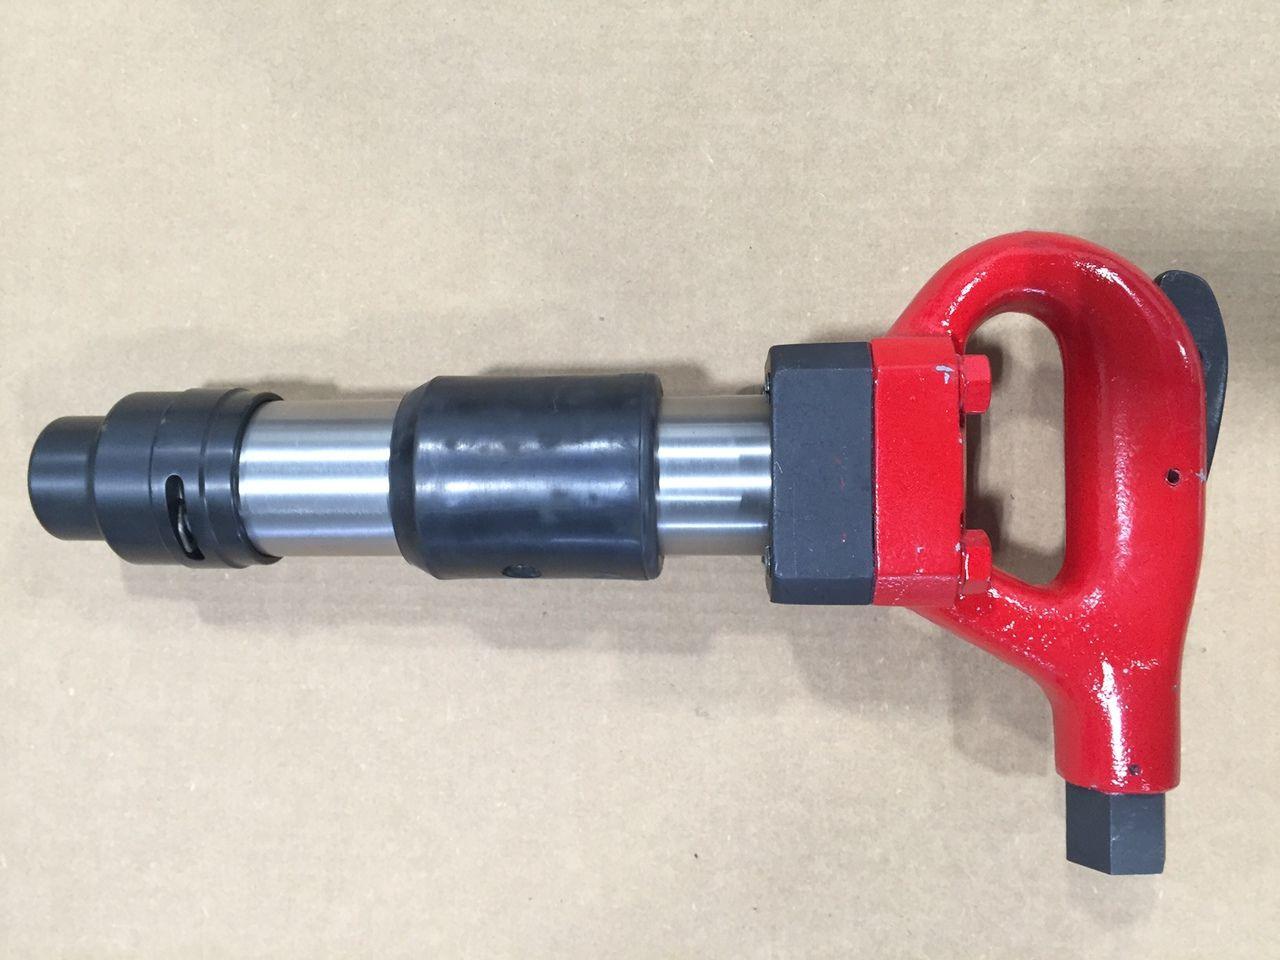 Pneumatic Chipping Hammer 4 Bolt Toku FBCH3 + 2 Bits